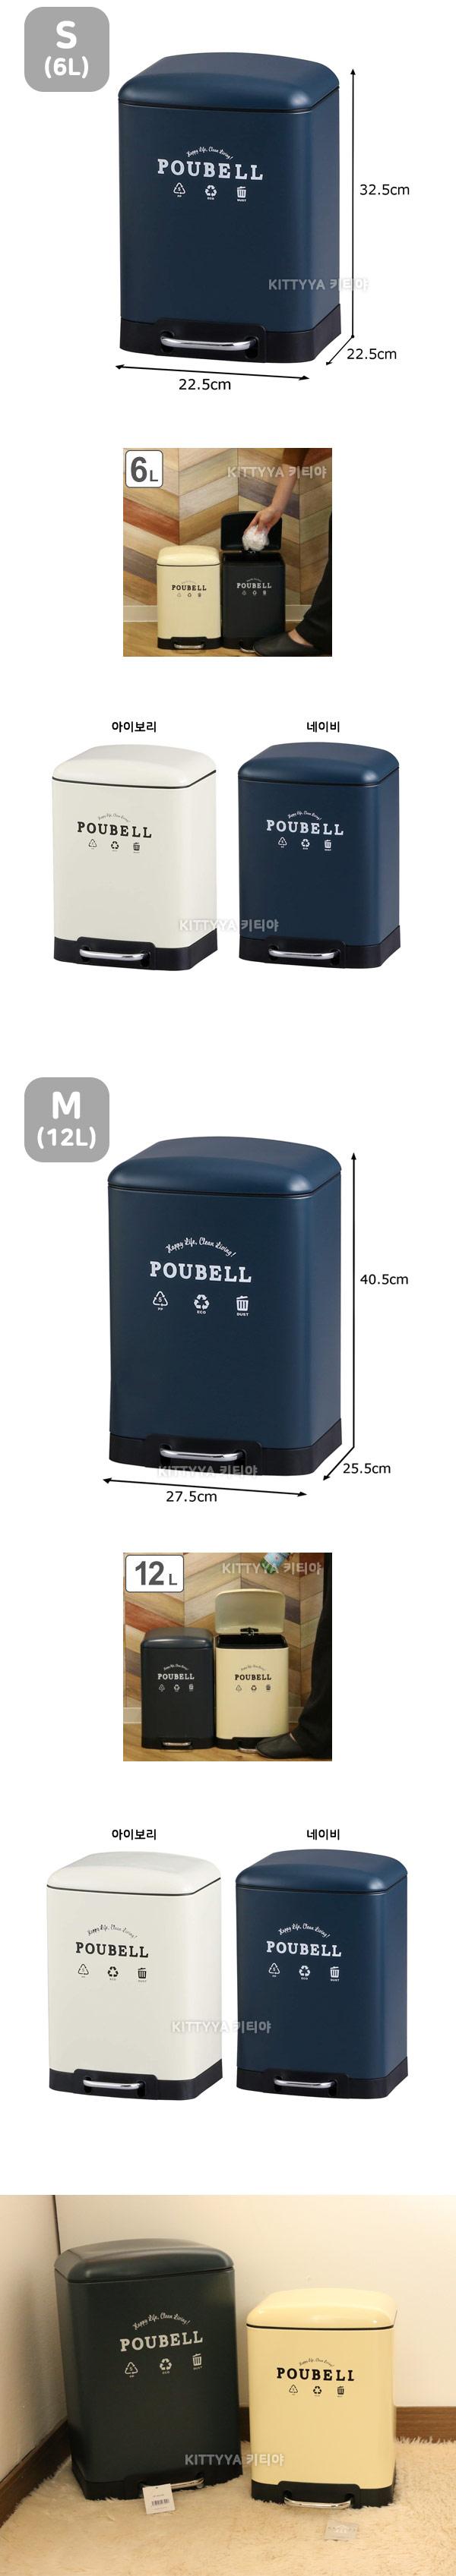 아비떼 페달 휴지통 POUBELL (S-6L) - 키티야, 87,000원, 휴지통, 휴지통